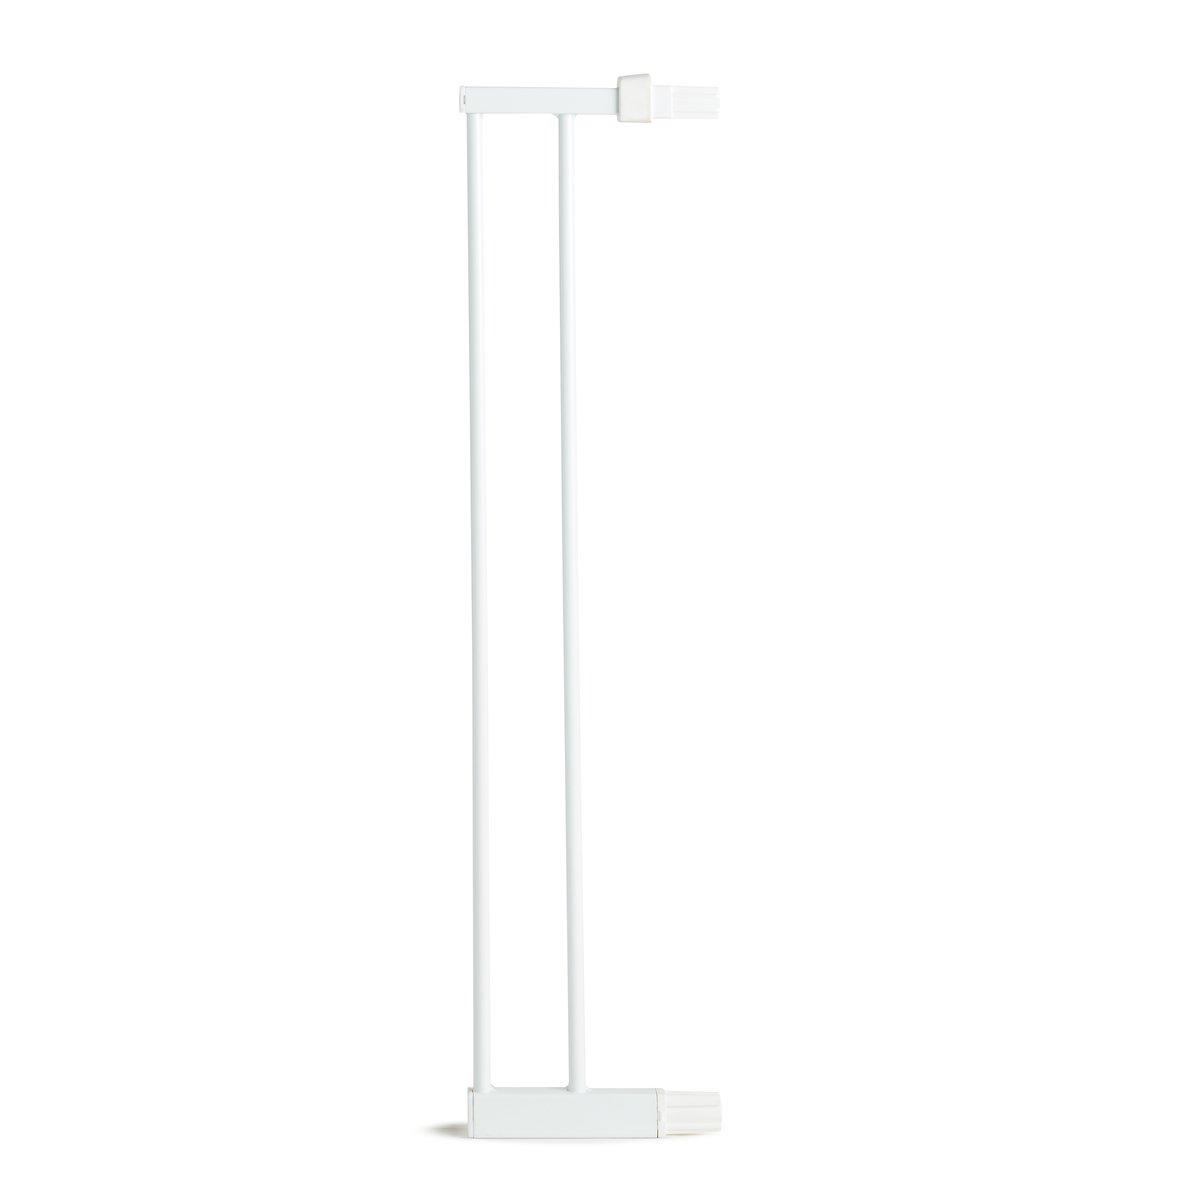 Lindam - Extensión para barrera de seguridad (14 cm), color blanco Munchkin - Lindam 4448502